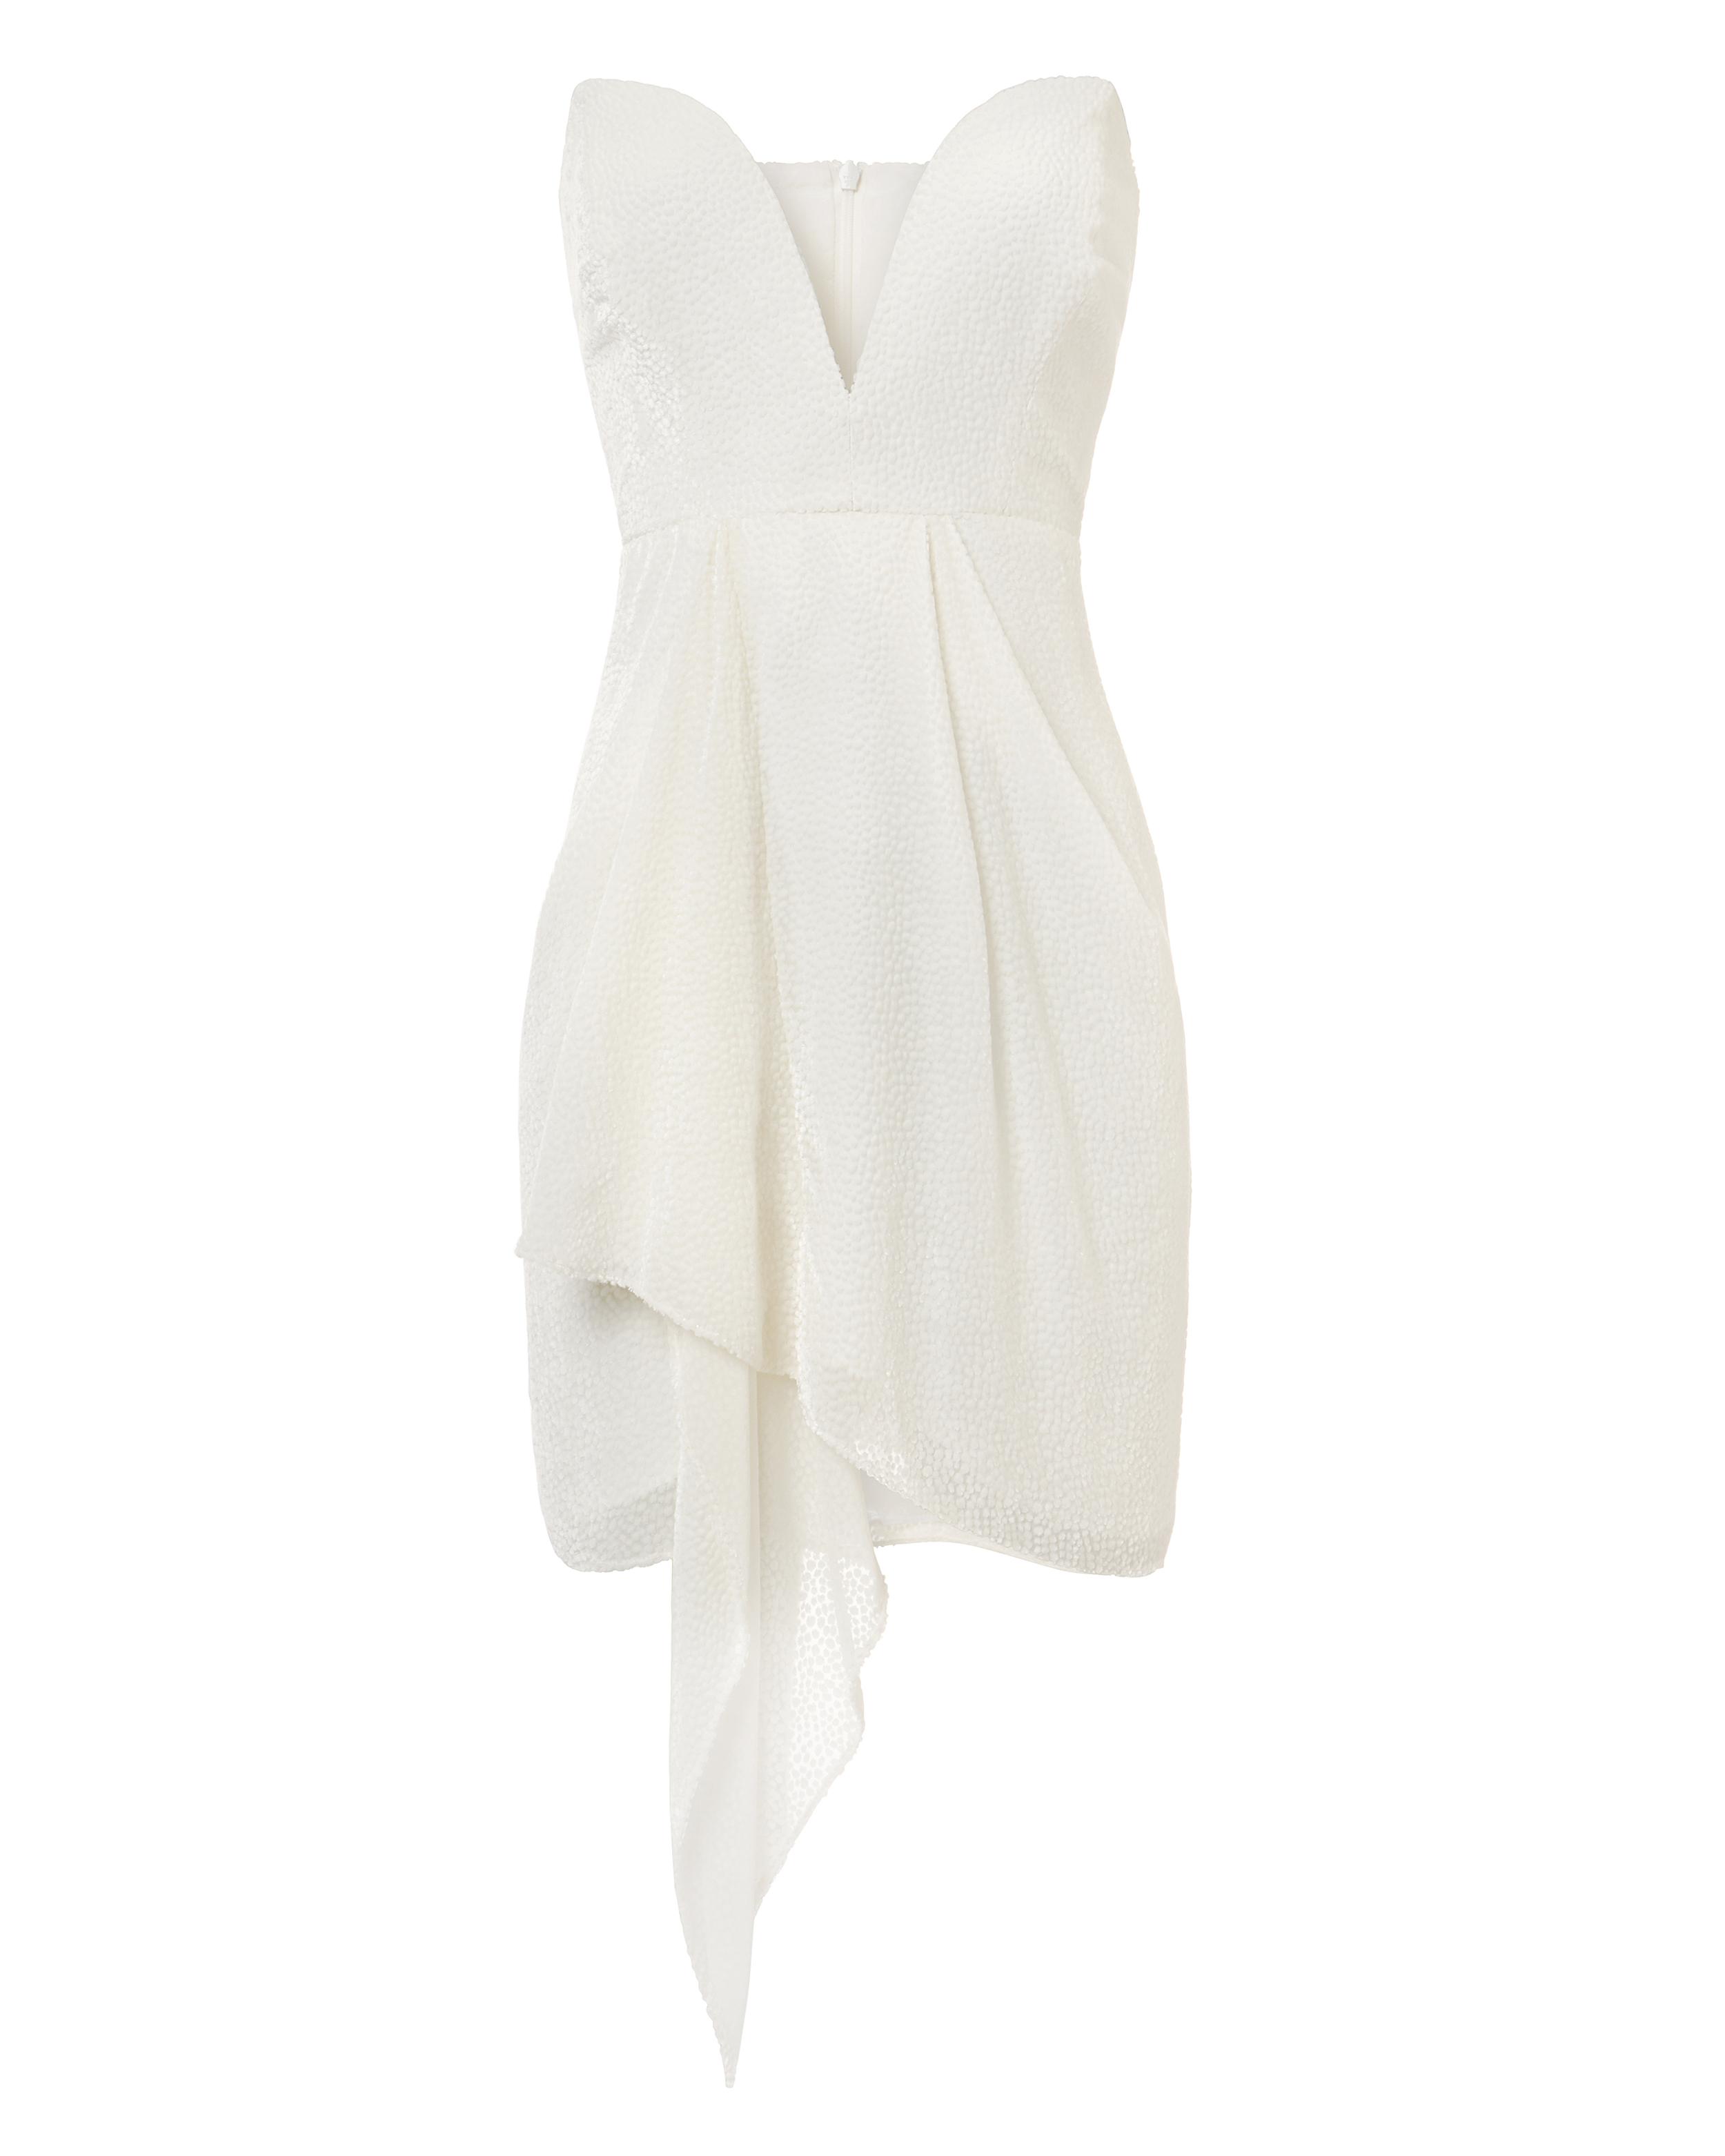 MASON MICHELLE  WHITE STRAPLESS VELVET BURNOUT DRESS WHITE